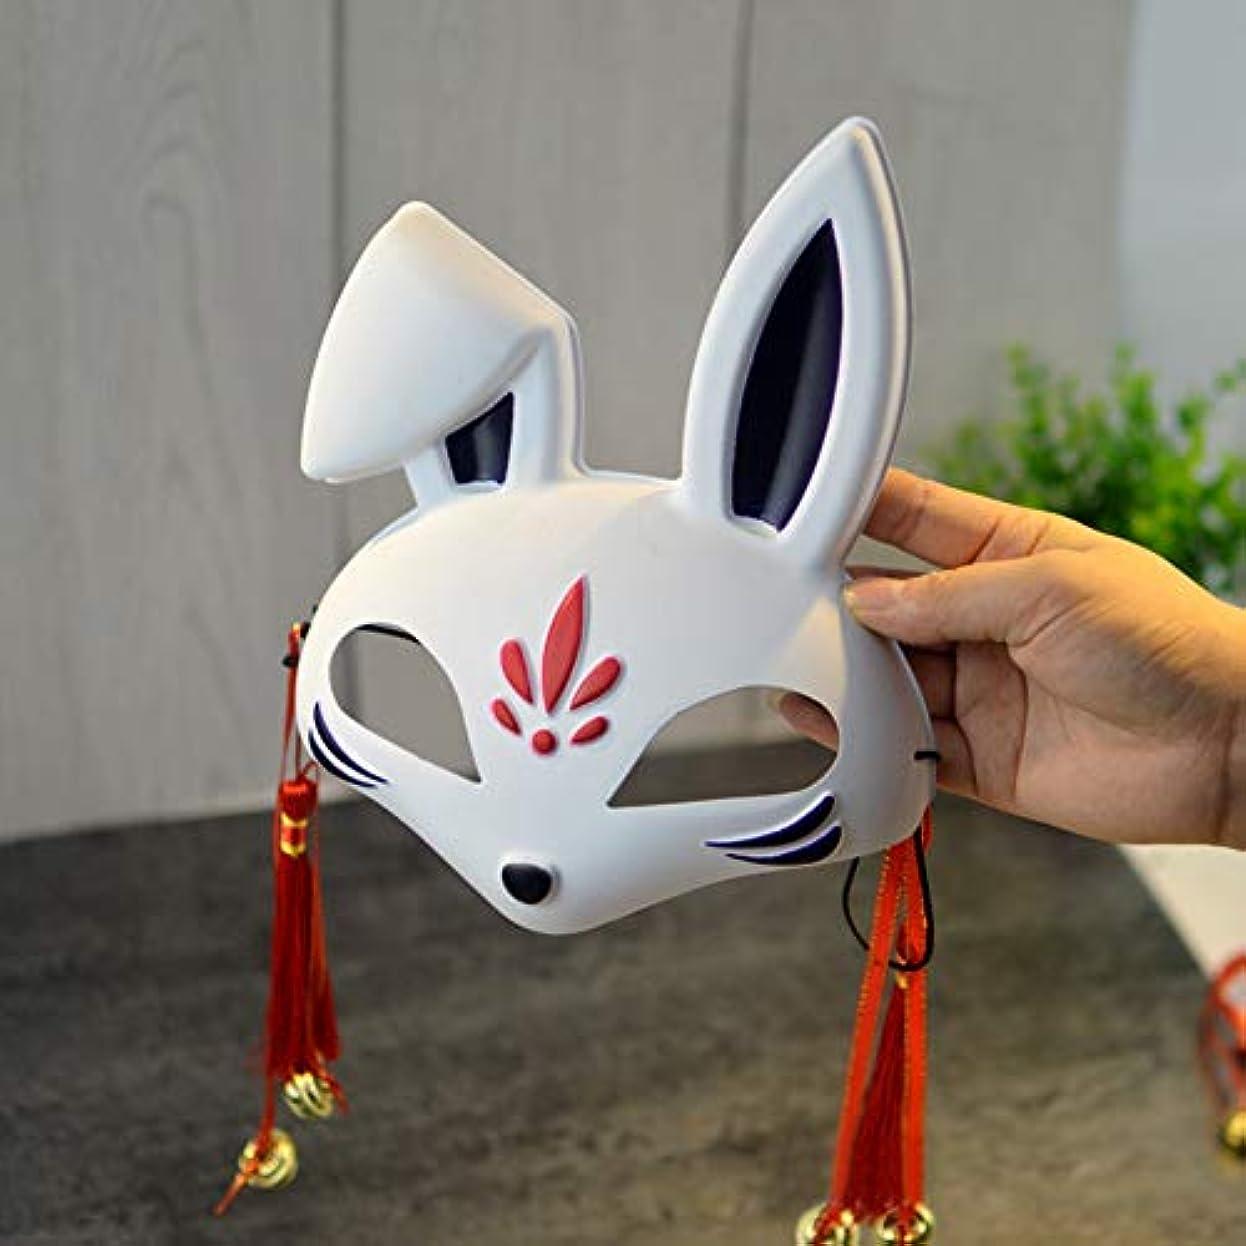 中庭下位くしゃくしゃEsolom うさぎマスク 半顔 ロールプレイングマスク ハロウィーン仮装衣装 PVCストリートダンスマスク 手描きのマスク 仮面舞踏会マスク